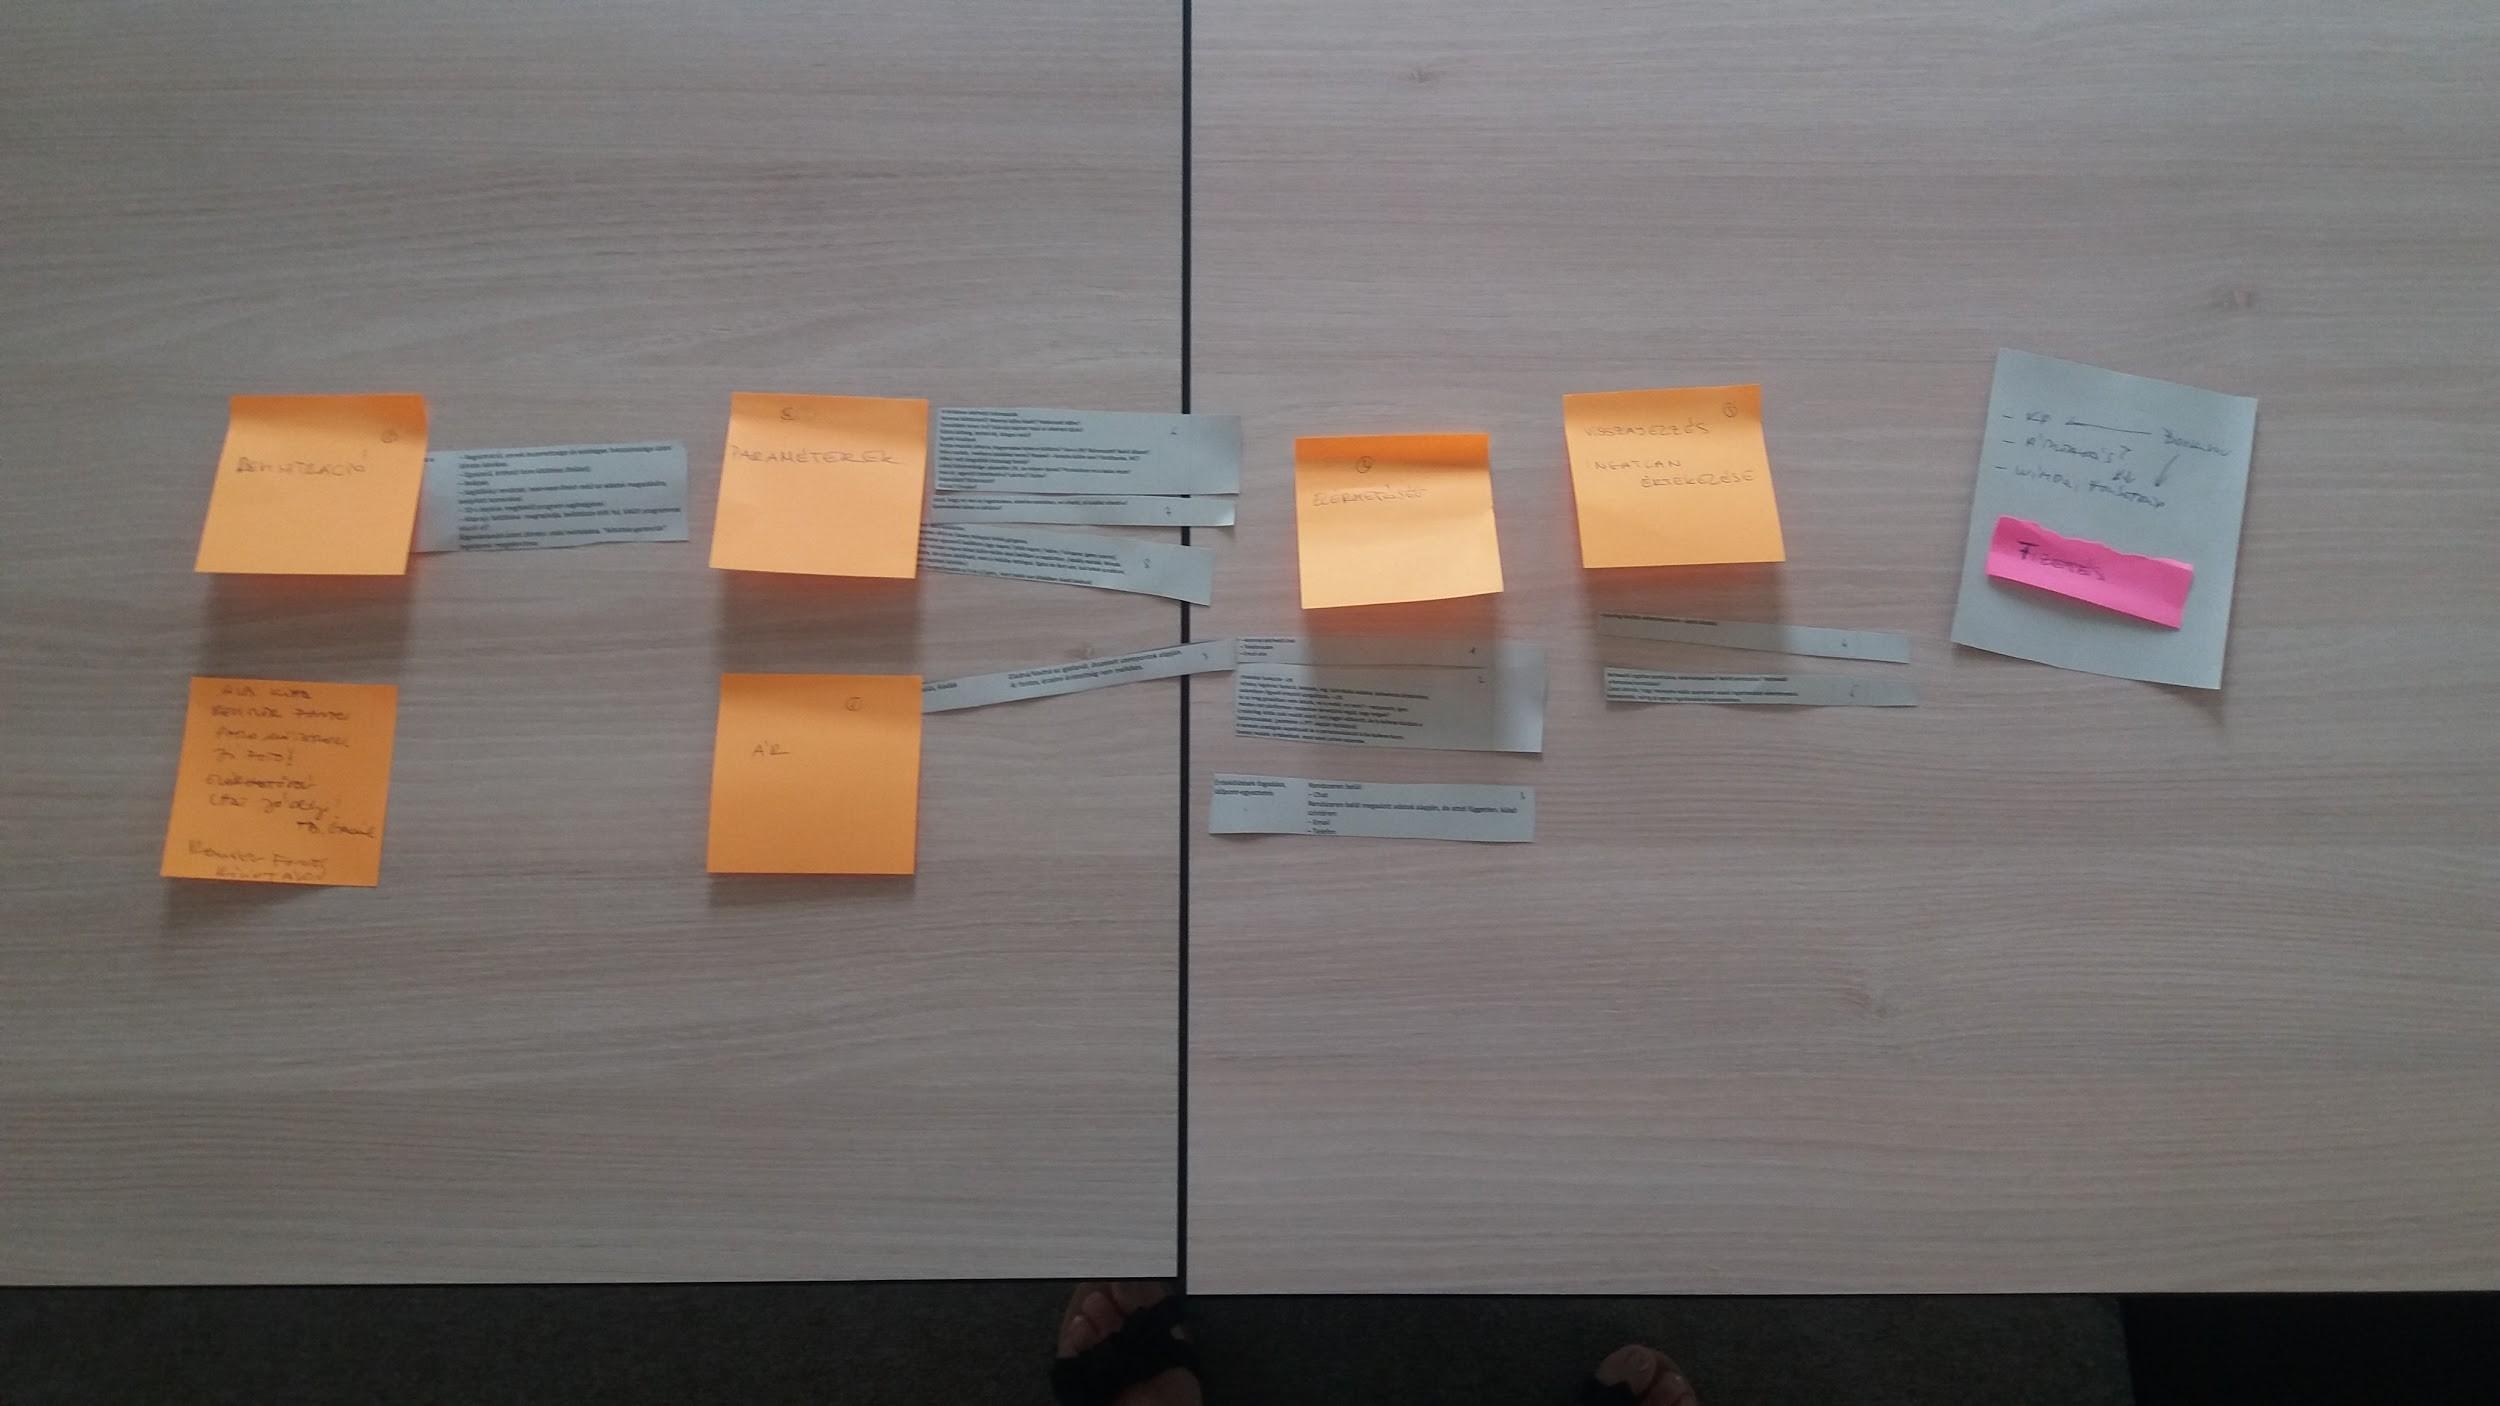 Card Sorting teszt, a tartalom rendezése folyamatban